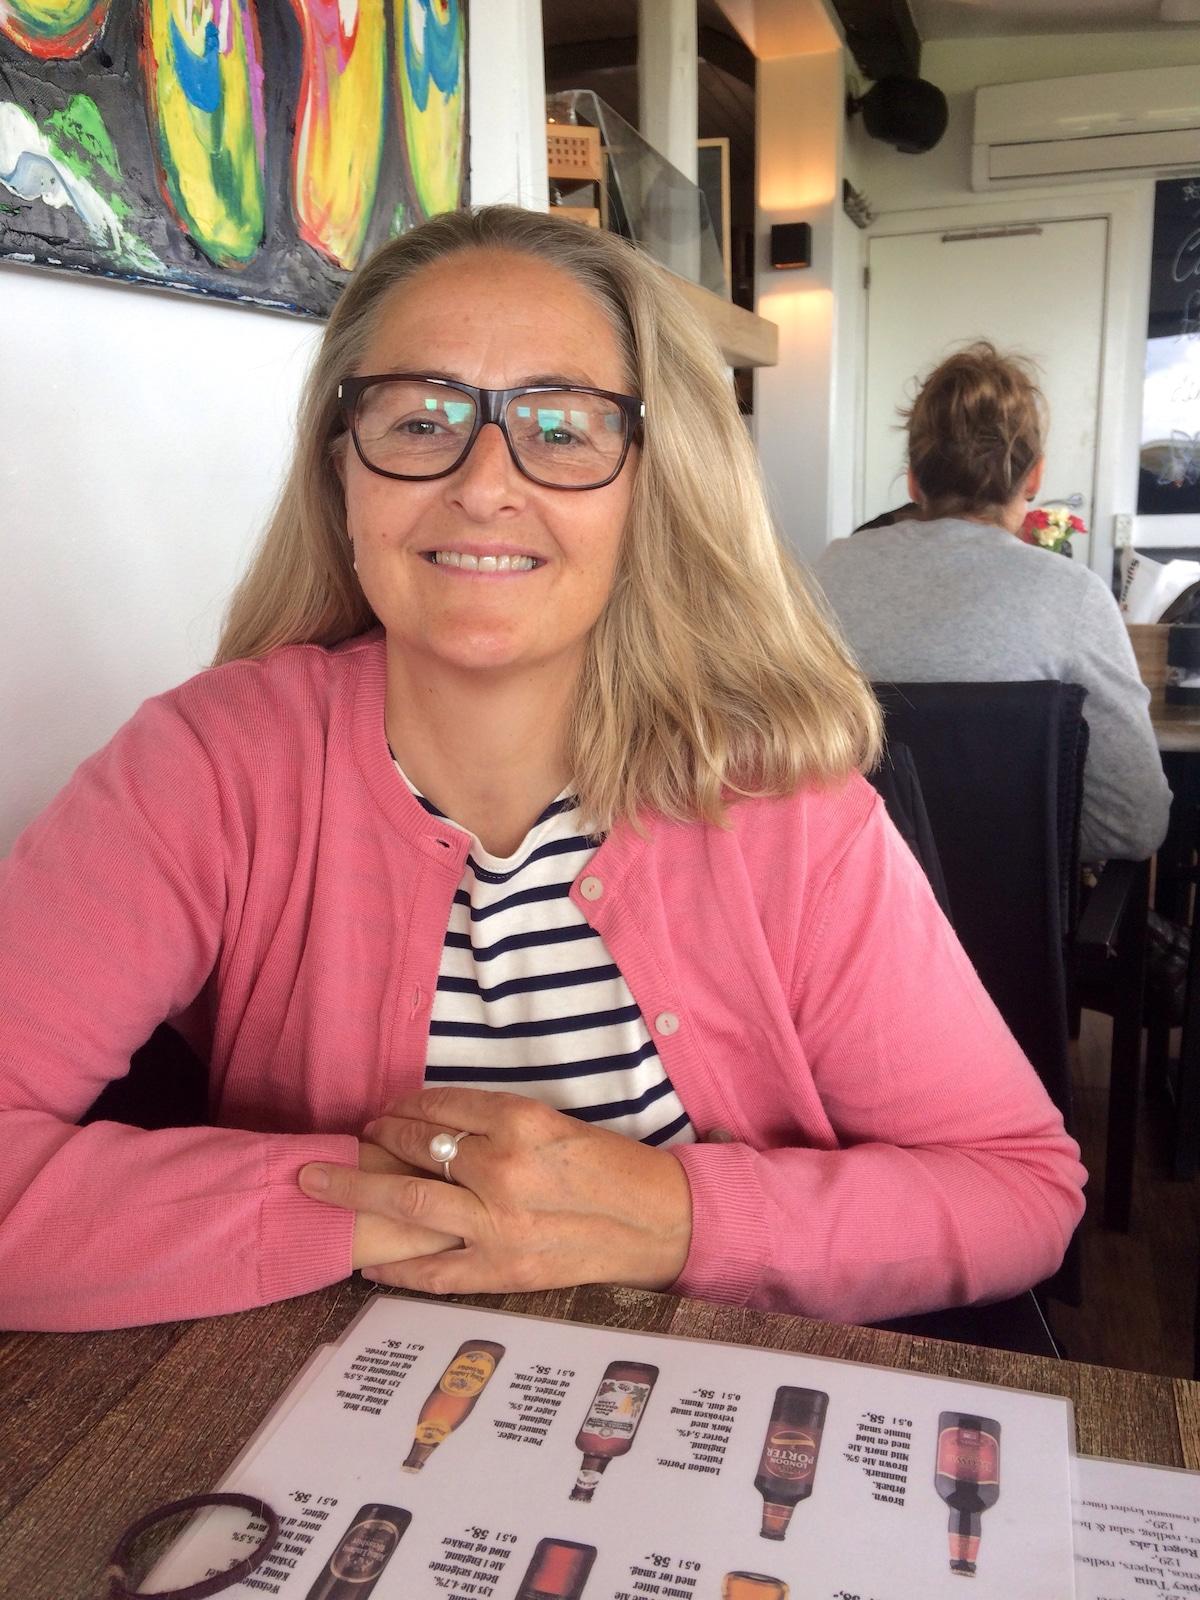 Anne Marie from København